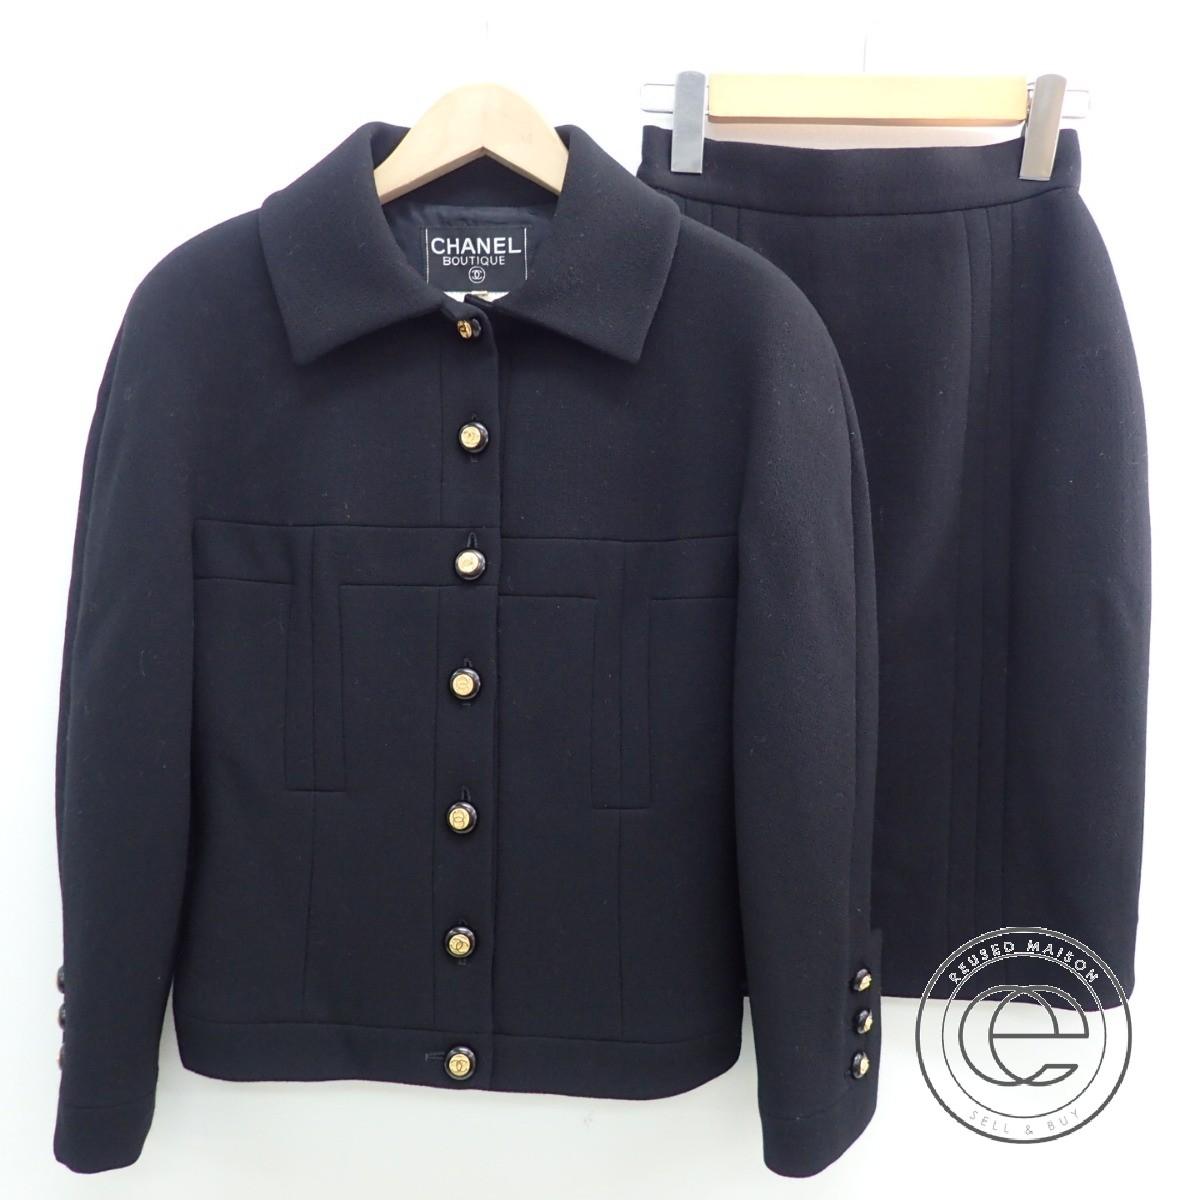 CHANELシャネル ココマーク釦 ジャケット& スカート セットアップ スーツ 34 ブラック レディース 【中古】